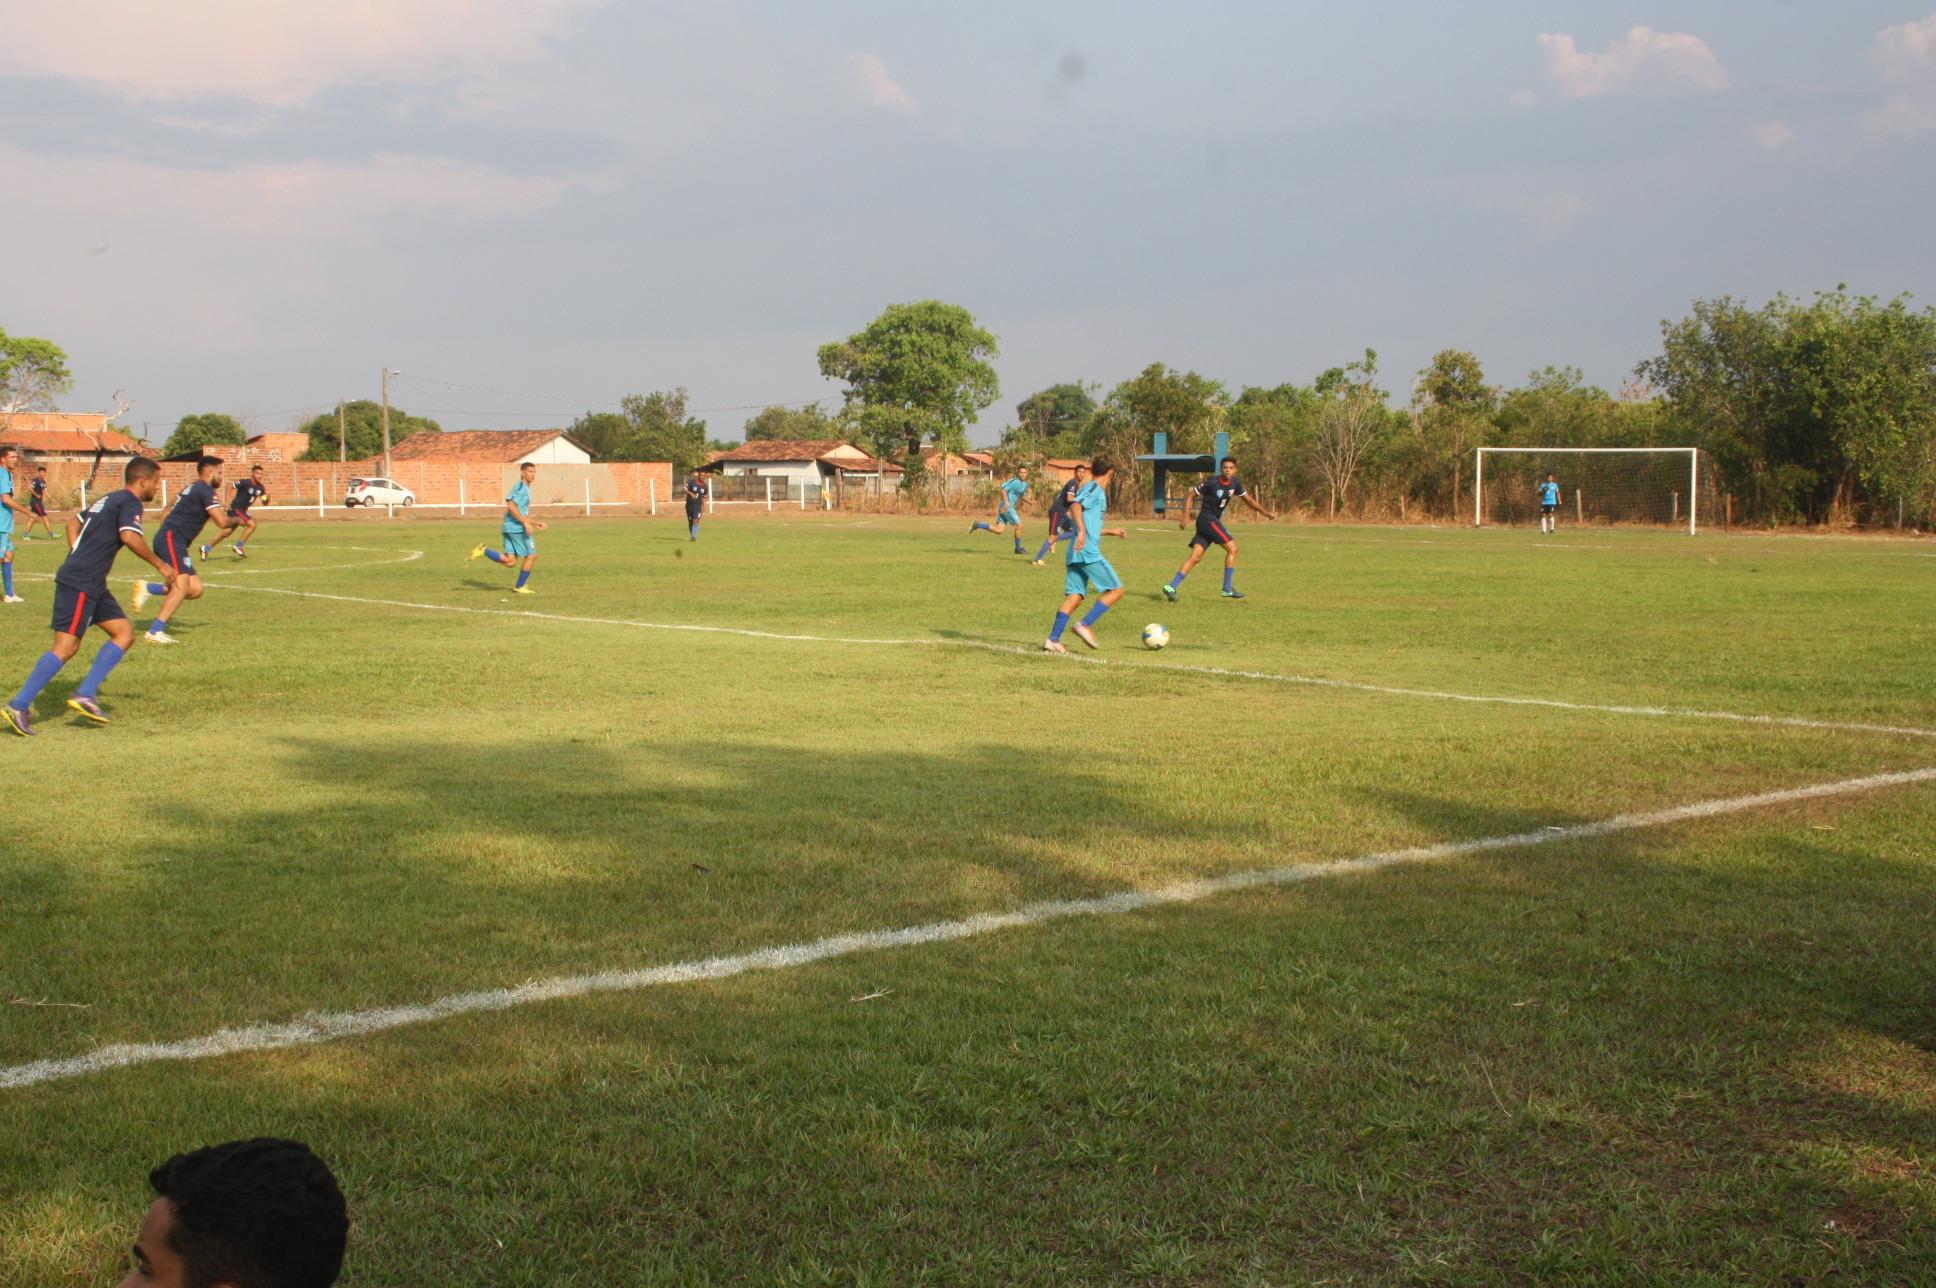 1ª Rodada do Campeonato de Futebol Amador de Divinópolis tem 7 gols marcado e 14 cartões